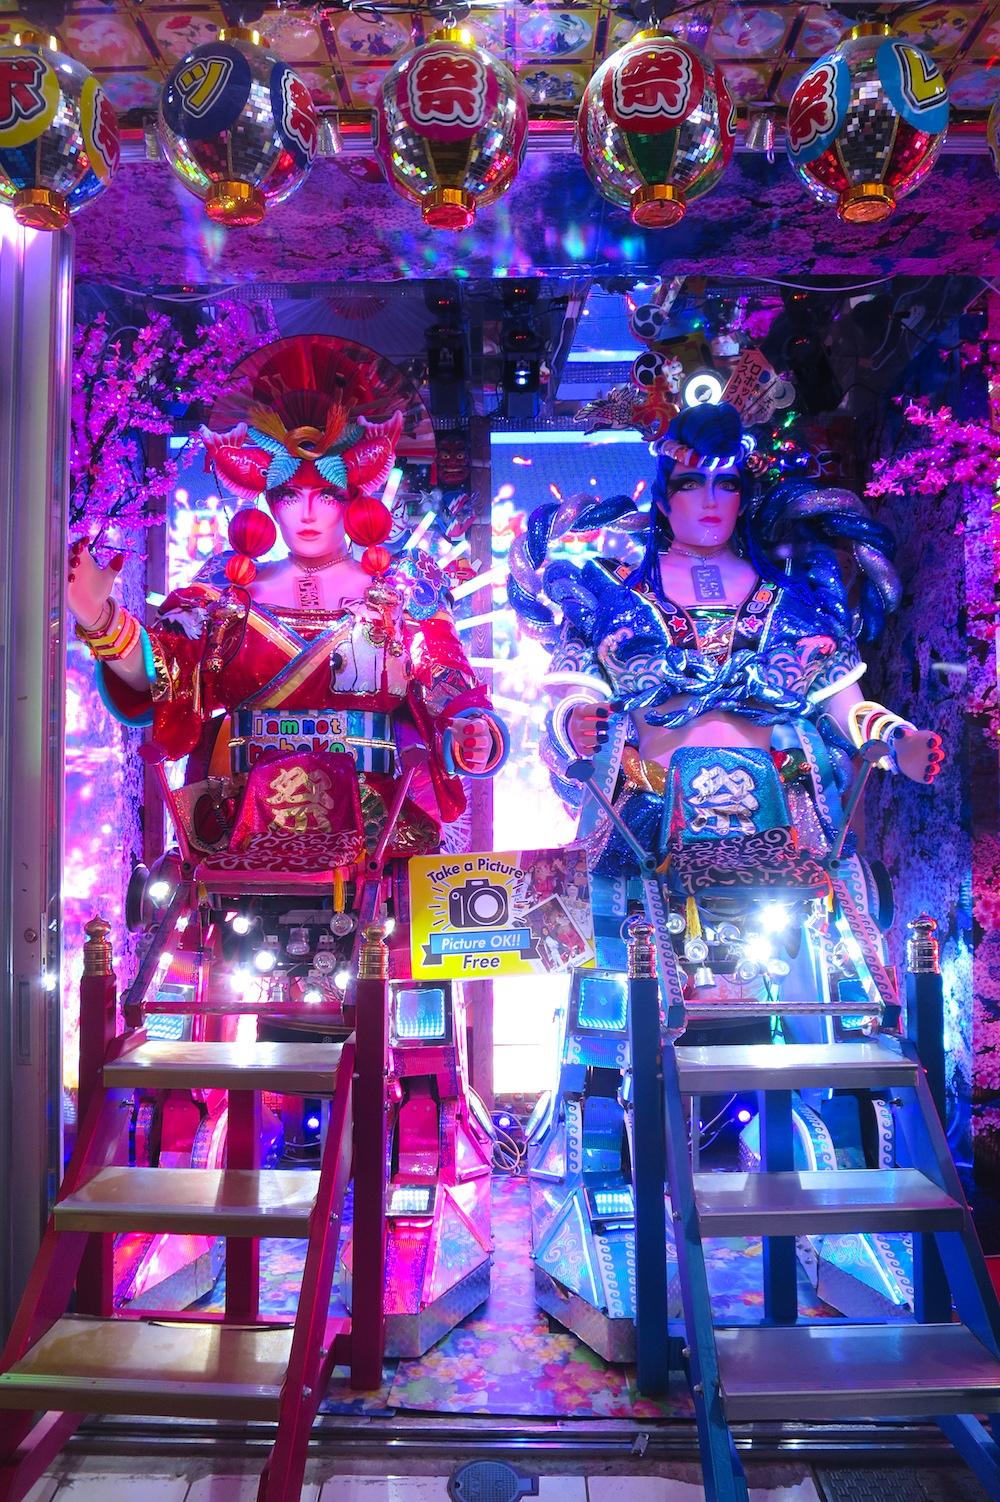 【東京新宿】歌舞伎町機器人餐廳!實際走訪精彩聲光秀